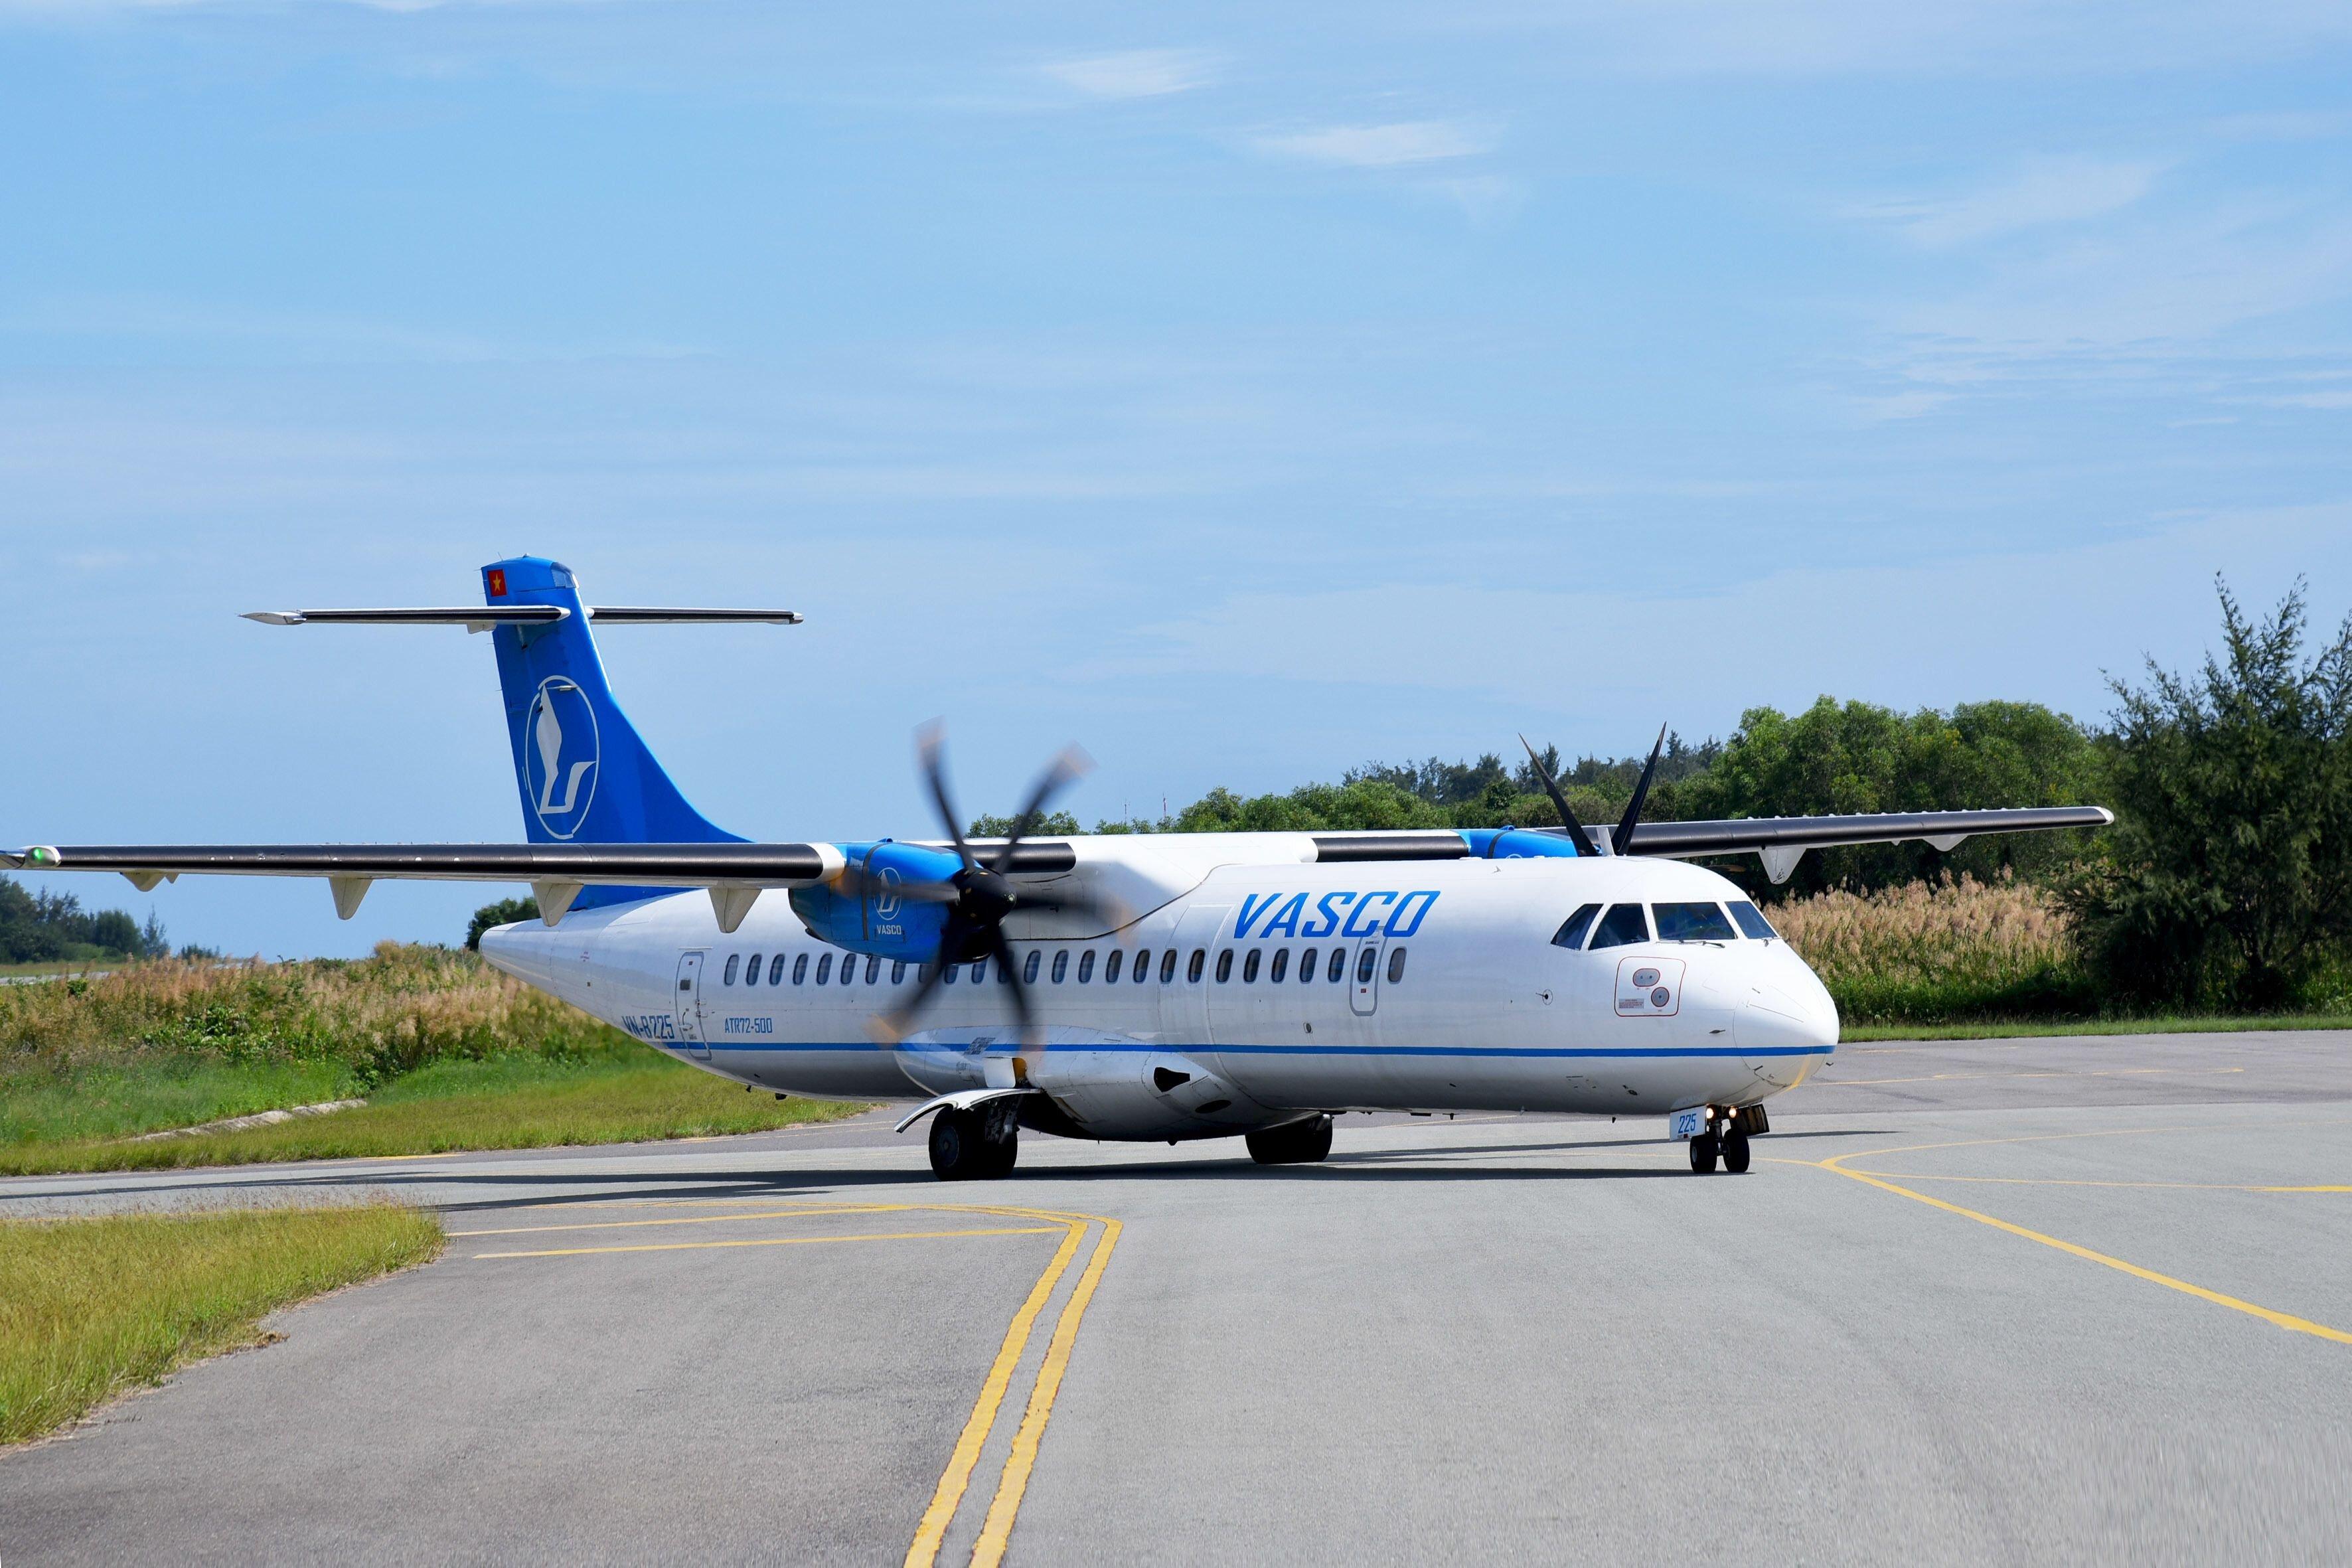 Vasco dừng khai thác hàng loạt chuyến bay vì trục trặc kỹ thuật